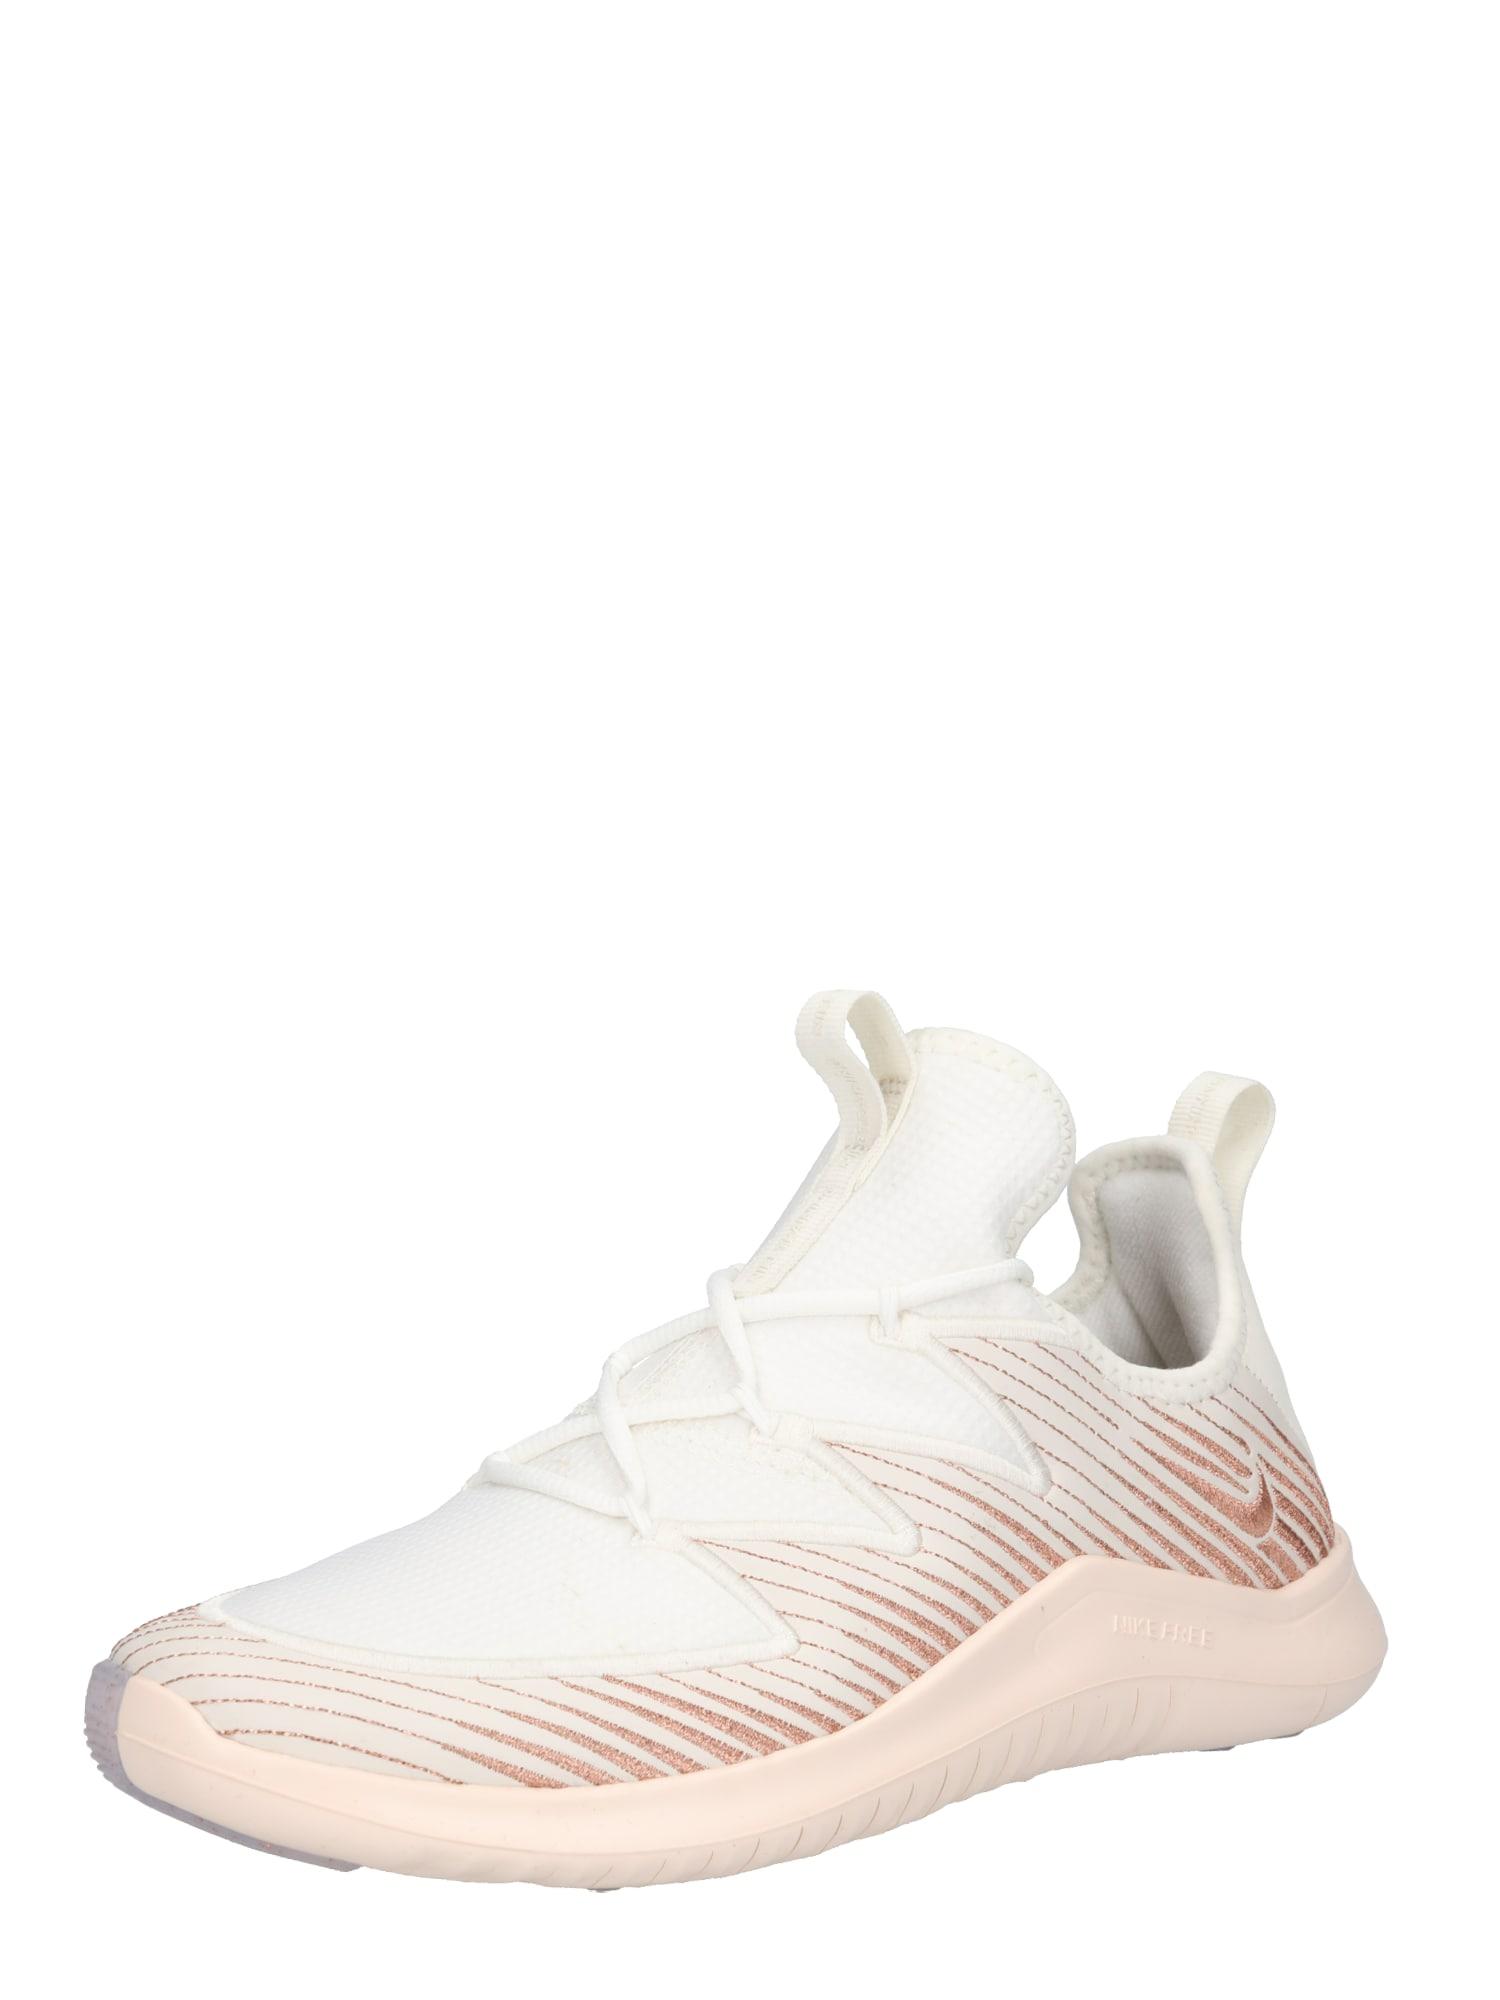 Sportovní boty Nike Free TR 9 Metallic krémová bronzová NIKE